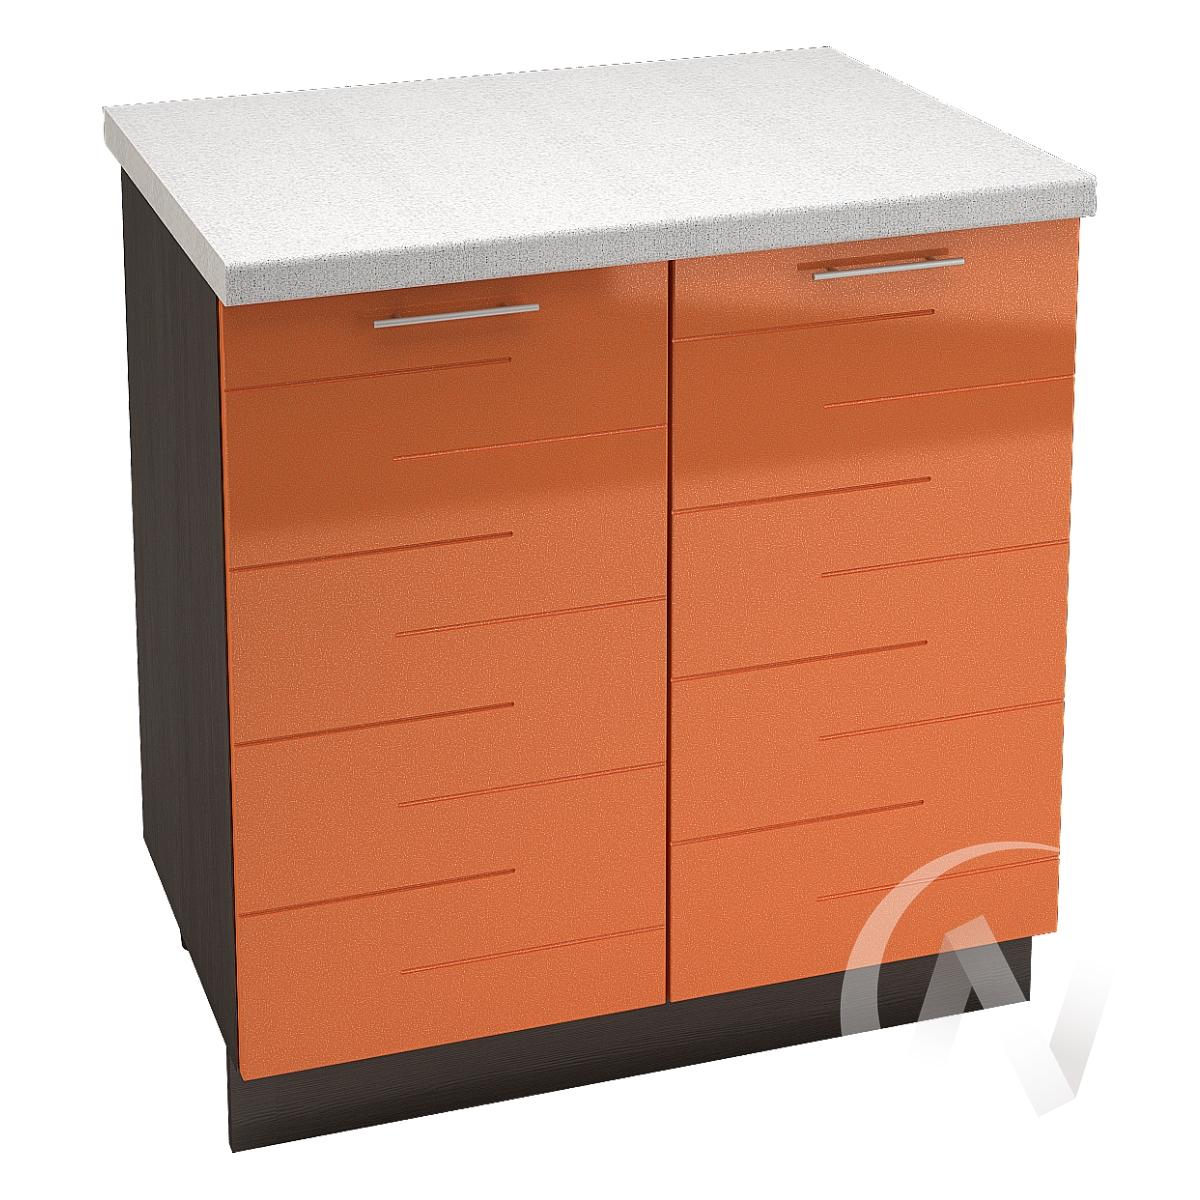 """Купить кухня """"техно"""": шкаф нижний 800, шн 800 (корпус венге) в Новосибирске в интернет-магазине Мебель плюс Техника"""